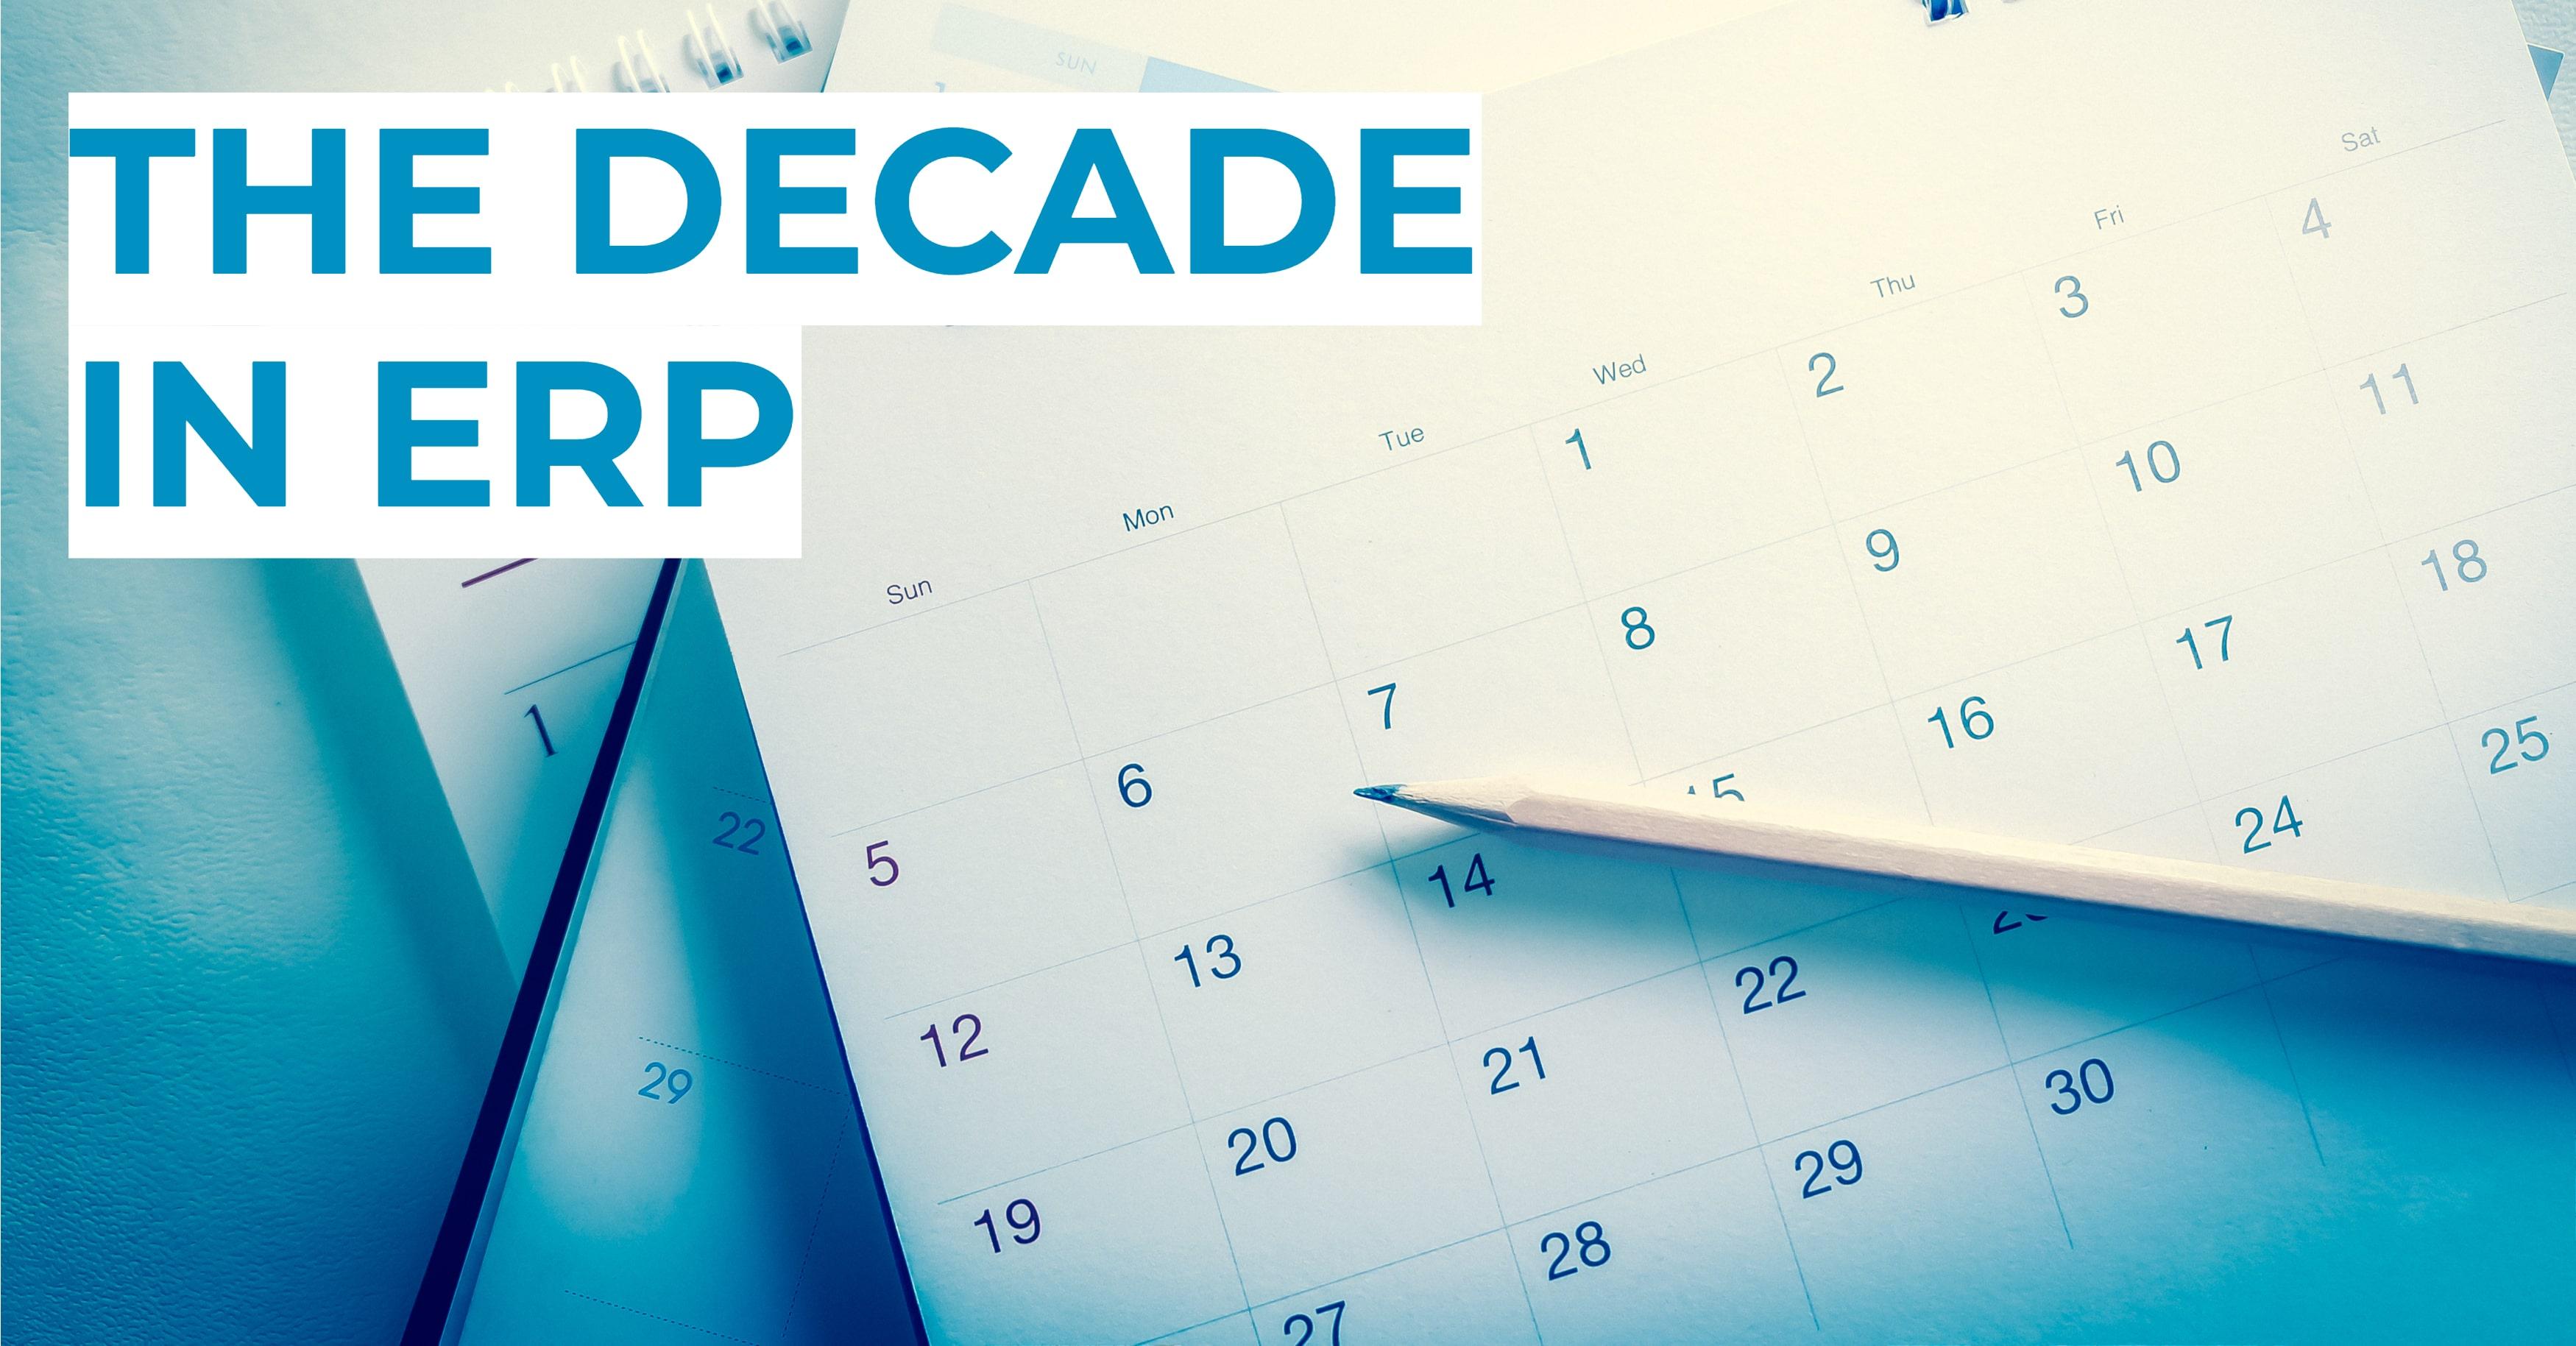 Decade in ERP